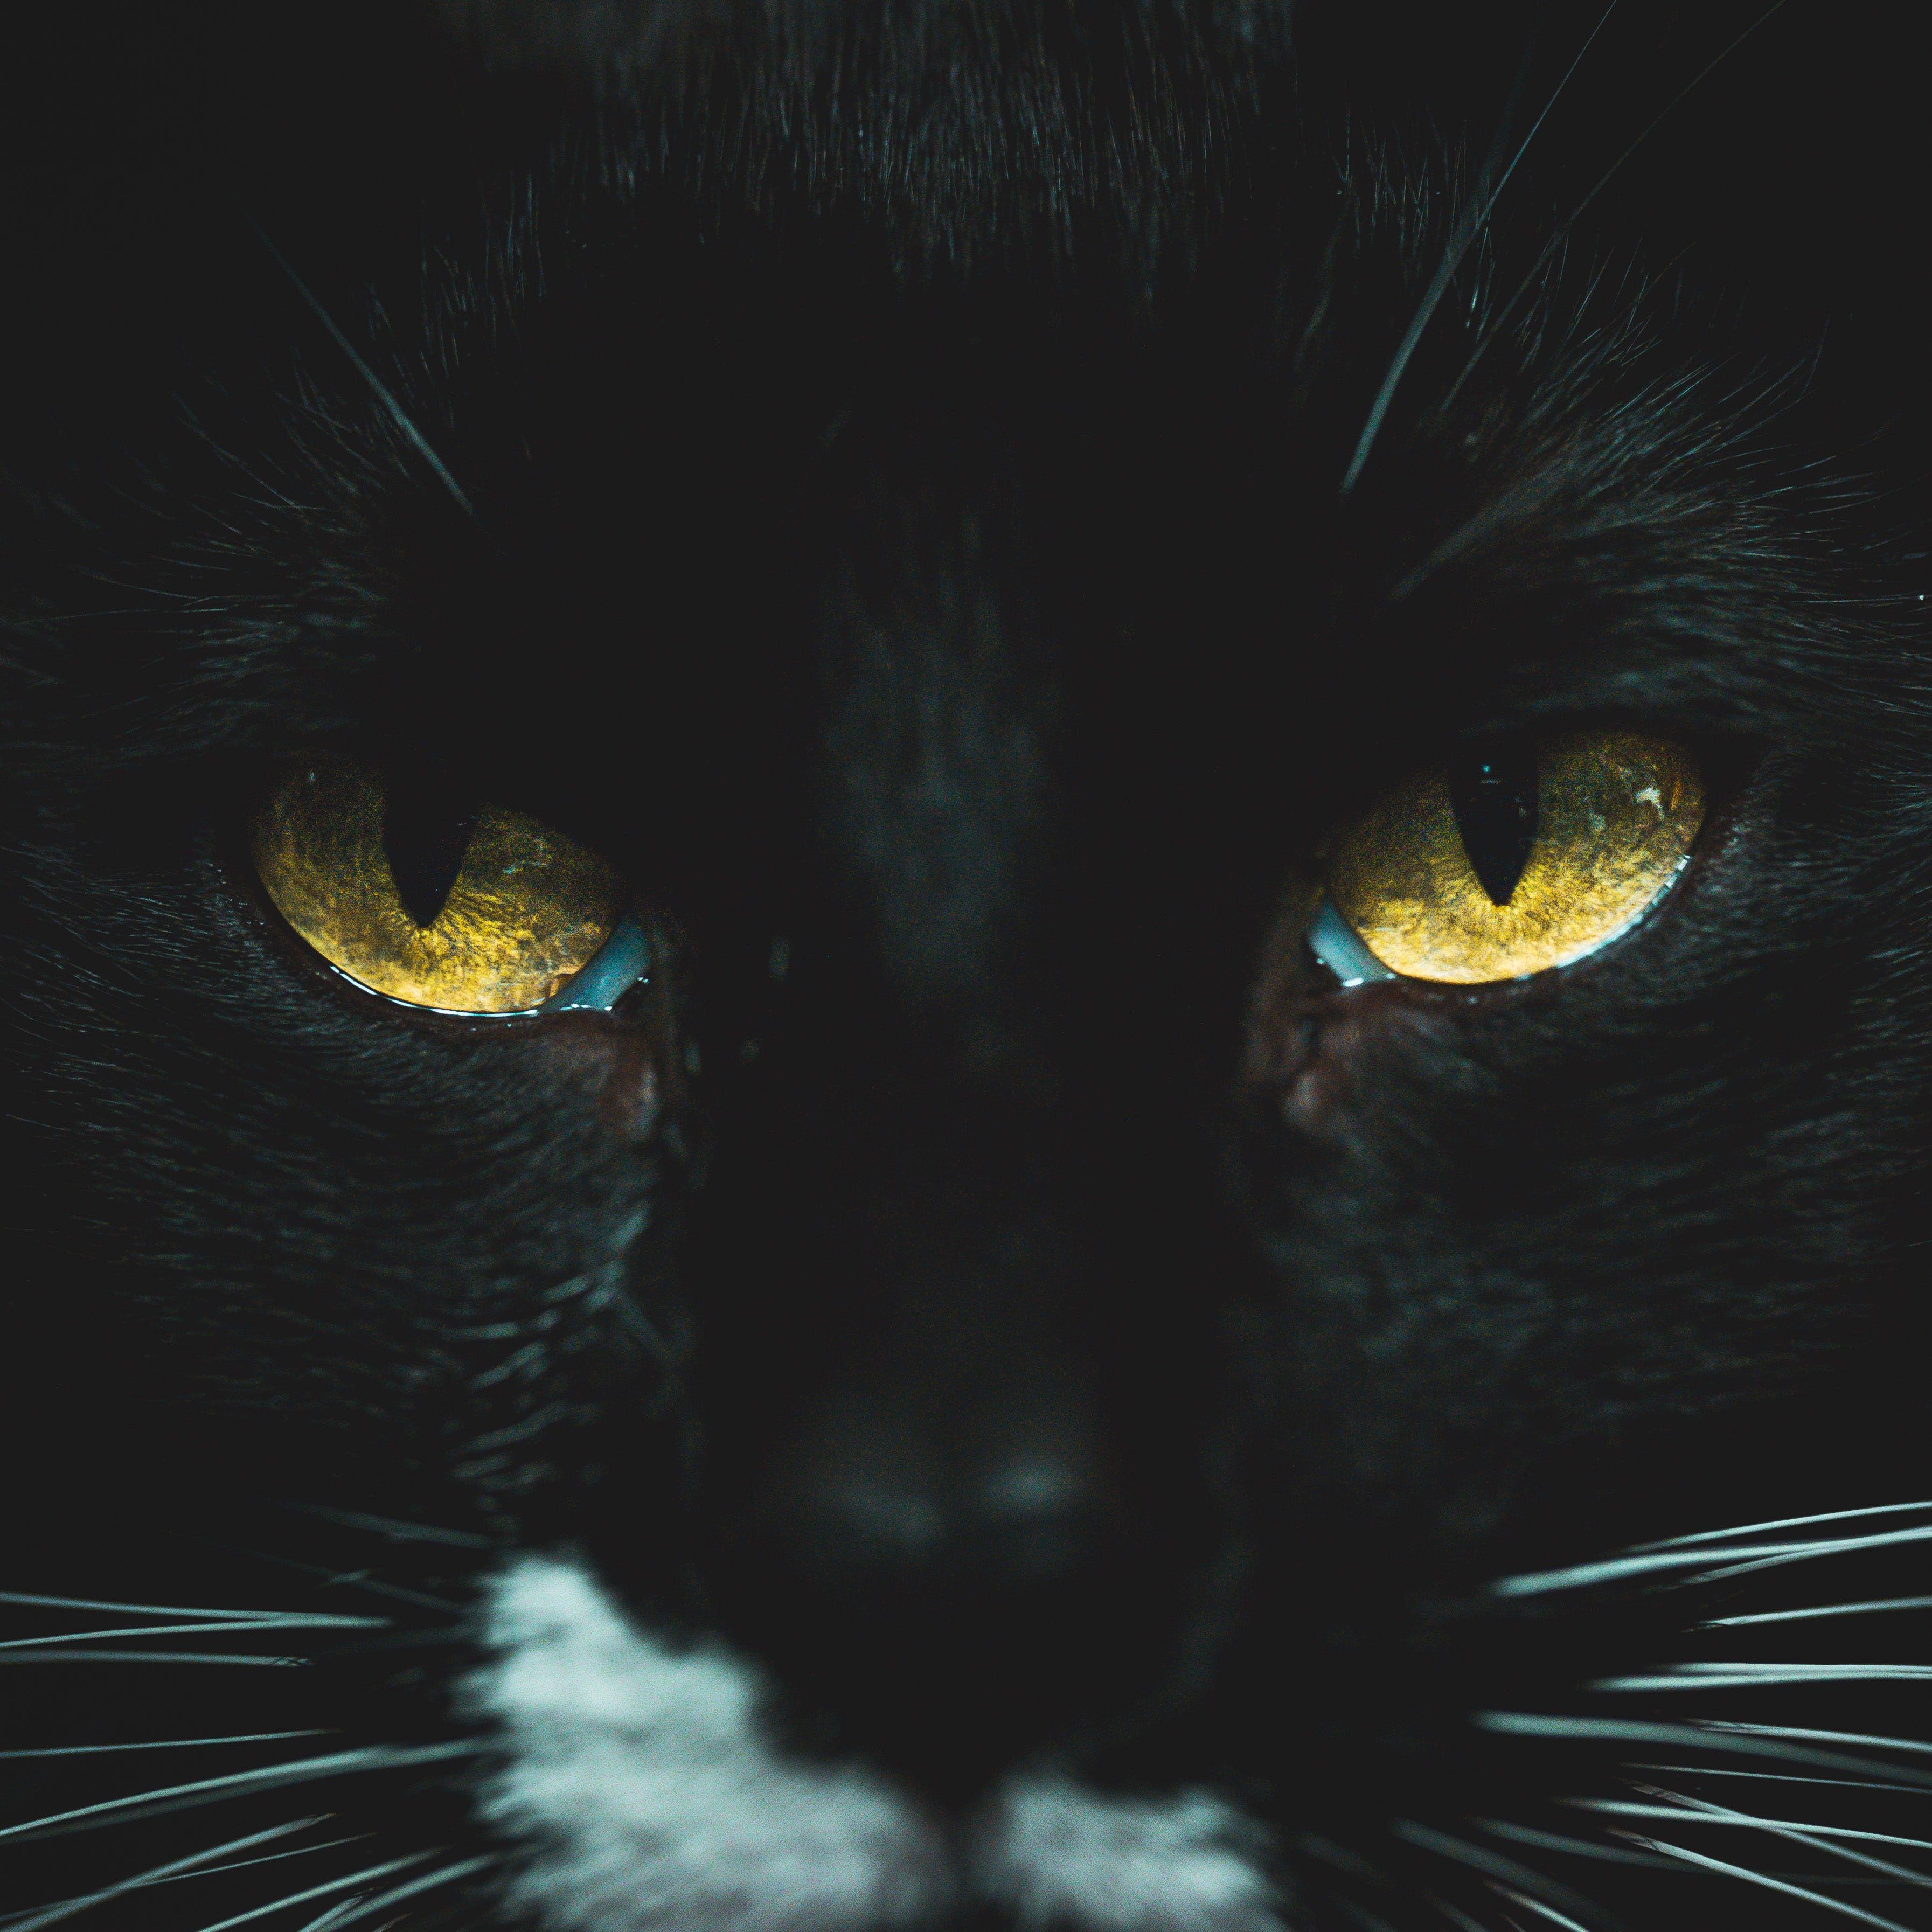 Kostnadsfri bild av bländande ljus, djur, djurfotografi, katt